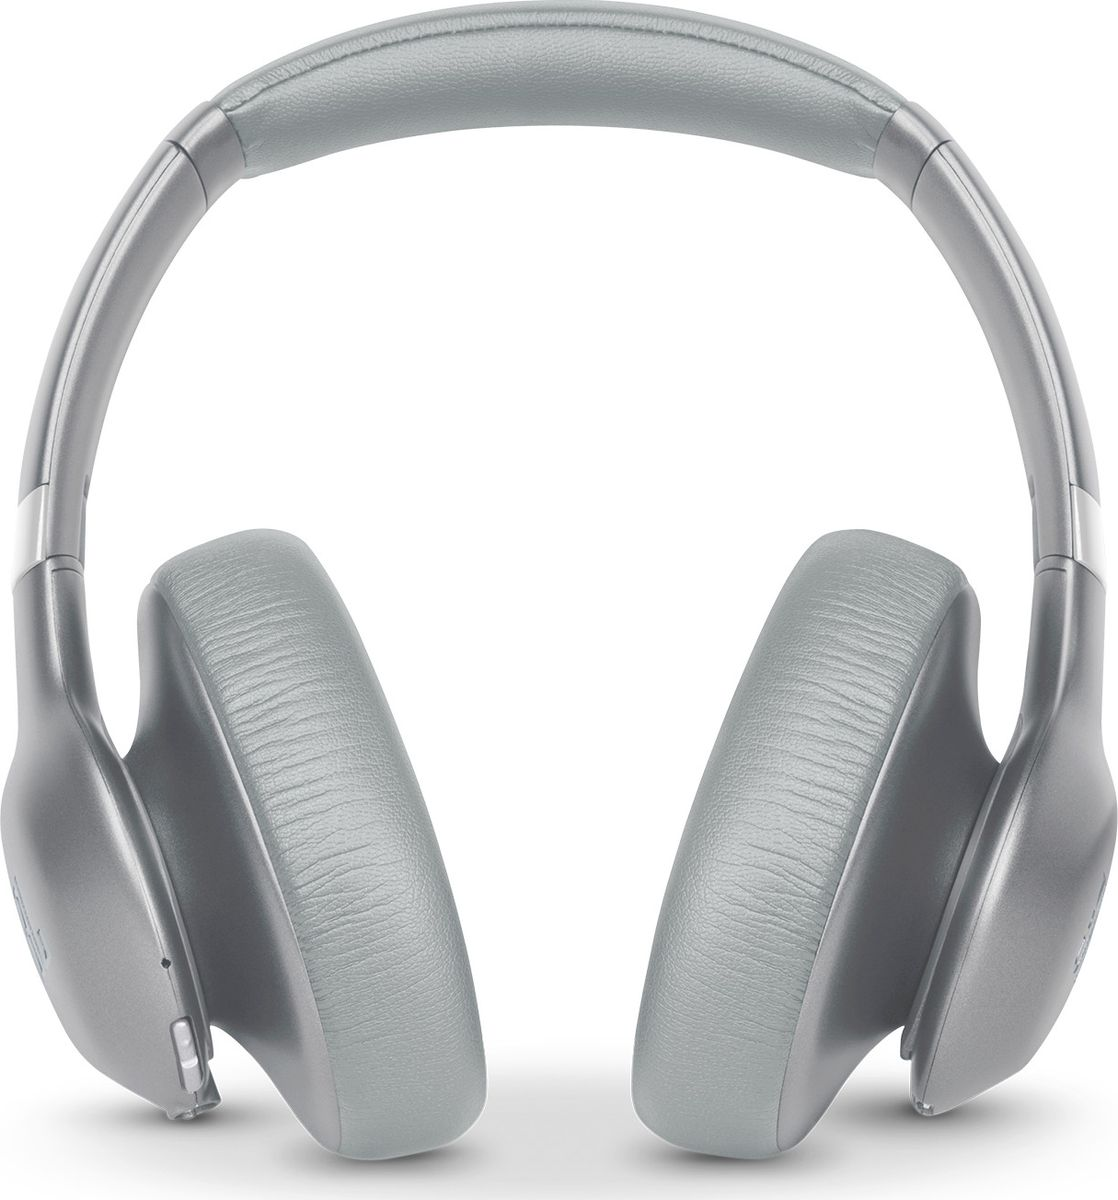 JBL Everest Elite 750NC, Silver наушникиJBLV750NXTSILНаушники с тщательно продуманной конструкцией предоставляют до 20часов удовольствия от прослушивания без проводов на одной зарядке. В режиме активного шумоподавления (ANC), позволяющем выбирать, какие именно шумы необходимо подавлять, наушники работают до 15 часов. Быстрая 3-часовая зарядка, микрофон с функцией эхоподавления для звонков в режиме «hands-free», легендарное качество звука JBL Pro, компактный чехол для переноски и удобство при складывании делают эти наушники идеальными для путешествий. Созданные из материалов премиумкласса и выполненные в металлических оттенках, эти элегантные наушники предназначены для плотной посадки и долговременного удобства прослушивания. Приложение My JBL Headphones позволяет пользователям загружать обновления для наушников, а также включает функцию автоматической калибровки звука TruNote™ Auto Sound Calibration, предназначенную для индивидуальной настройки звучания в зависимости от прилегания чашек наушников, обеспечивая наилучшее качество звука. Для индивидуальной настройки наушников Everest Elite 750NC можно воспользоваться ПО JBL EVEREST ELITE SDK, удостоенного награды CES в области инноваций за 2017 года. Внастоящее время ПО доступно на сайте www.developer.harman.com. Позвольте себе этот звук.